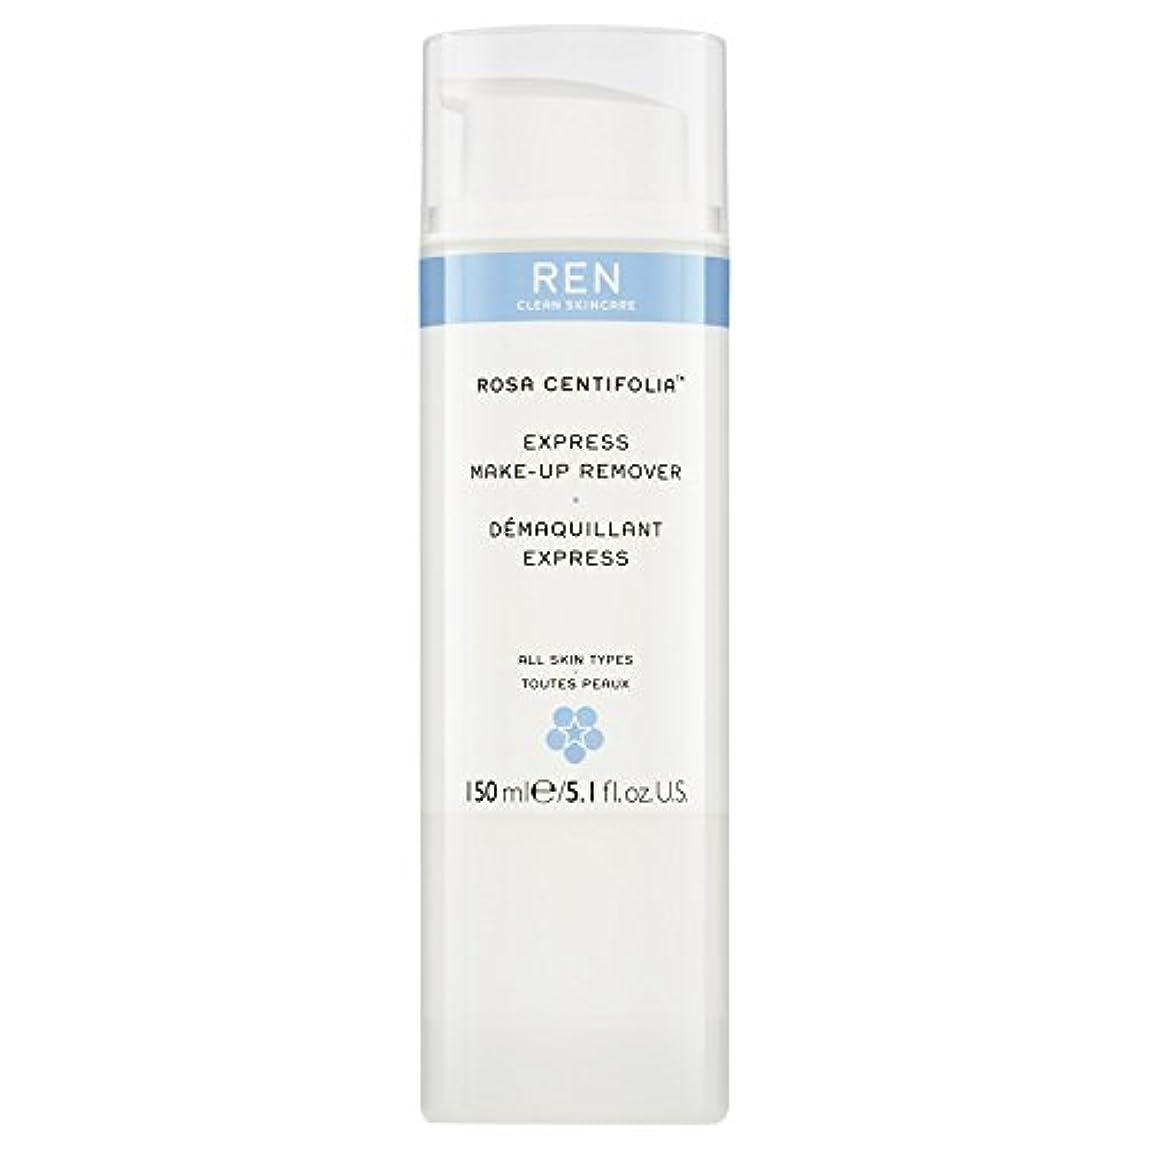 宣教師強風チャーミングRenローザセンチフォリアバラメイクアップリムーバー150ミリリットル (REN) - REN Rosa Centifolia Makeup Remover 150ml [並行輸入品]